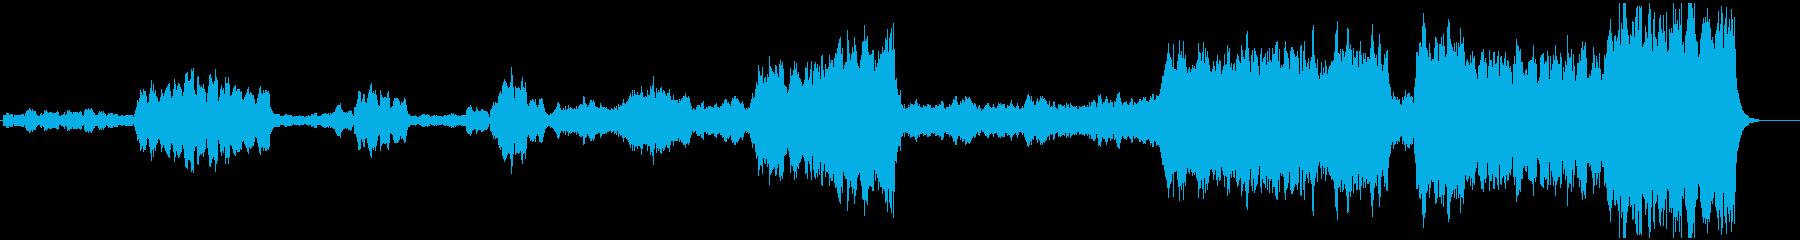 誰もが知ってるクラシック名曲シリーズ01の再生済みの波形